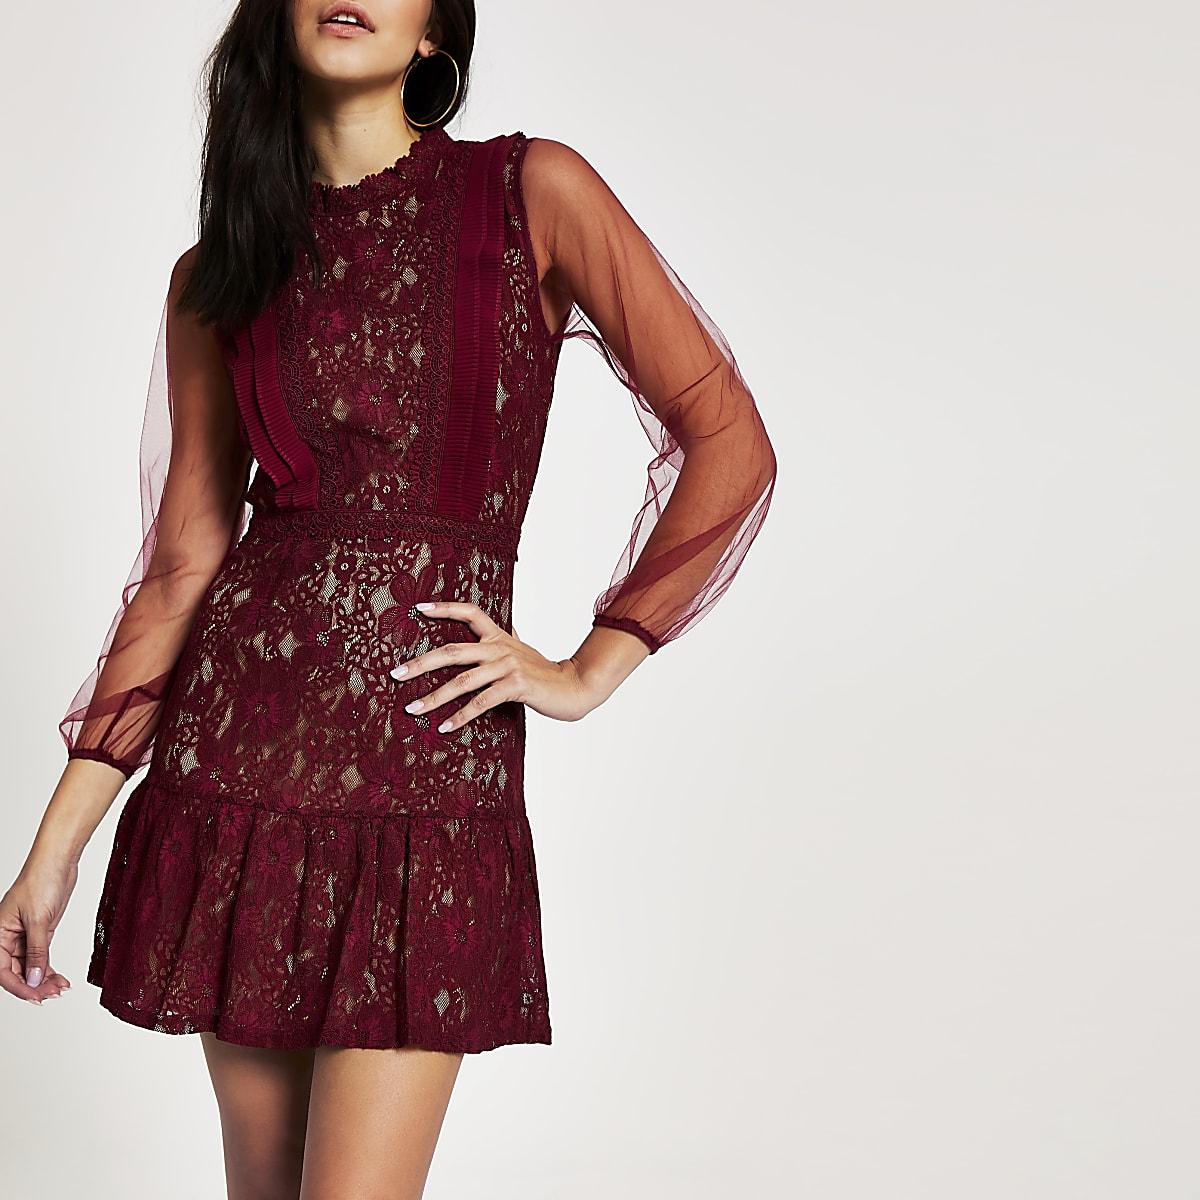 ForeverUnique - Mini-robe rouge cintréeen dentelle